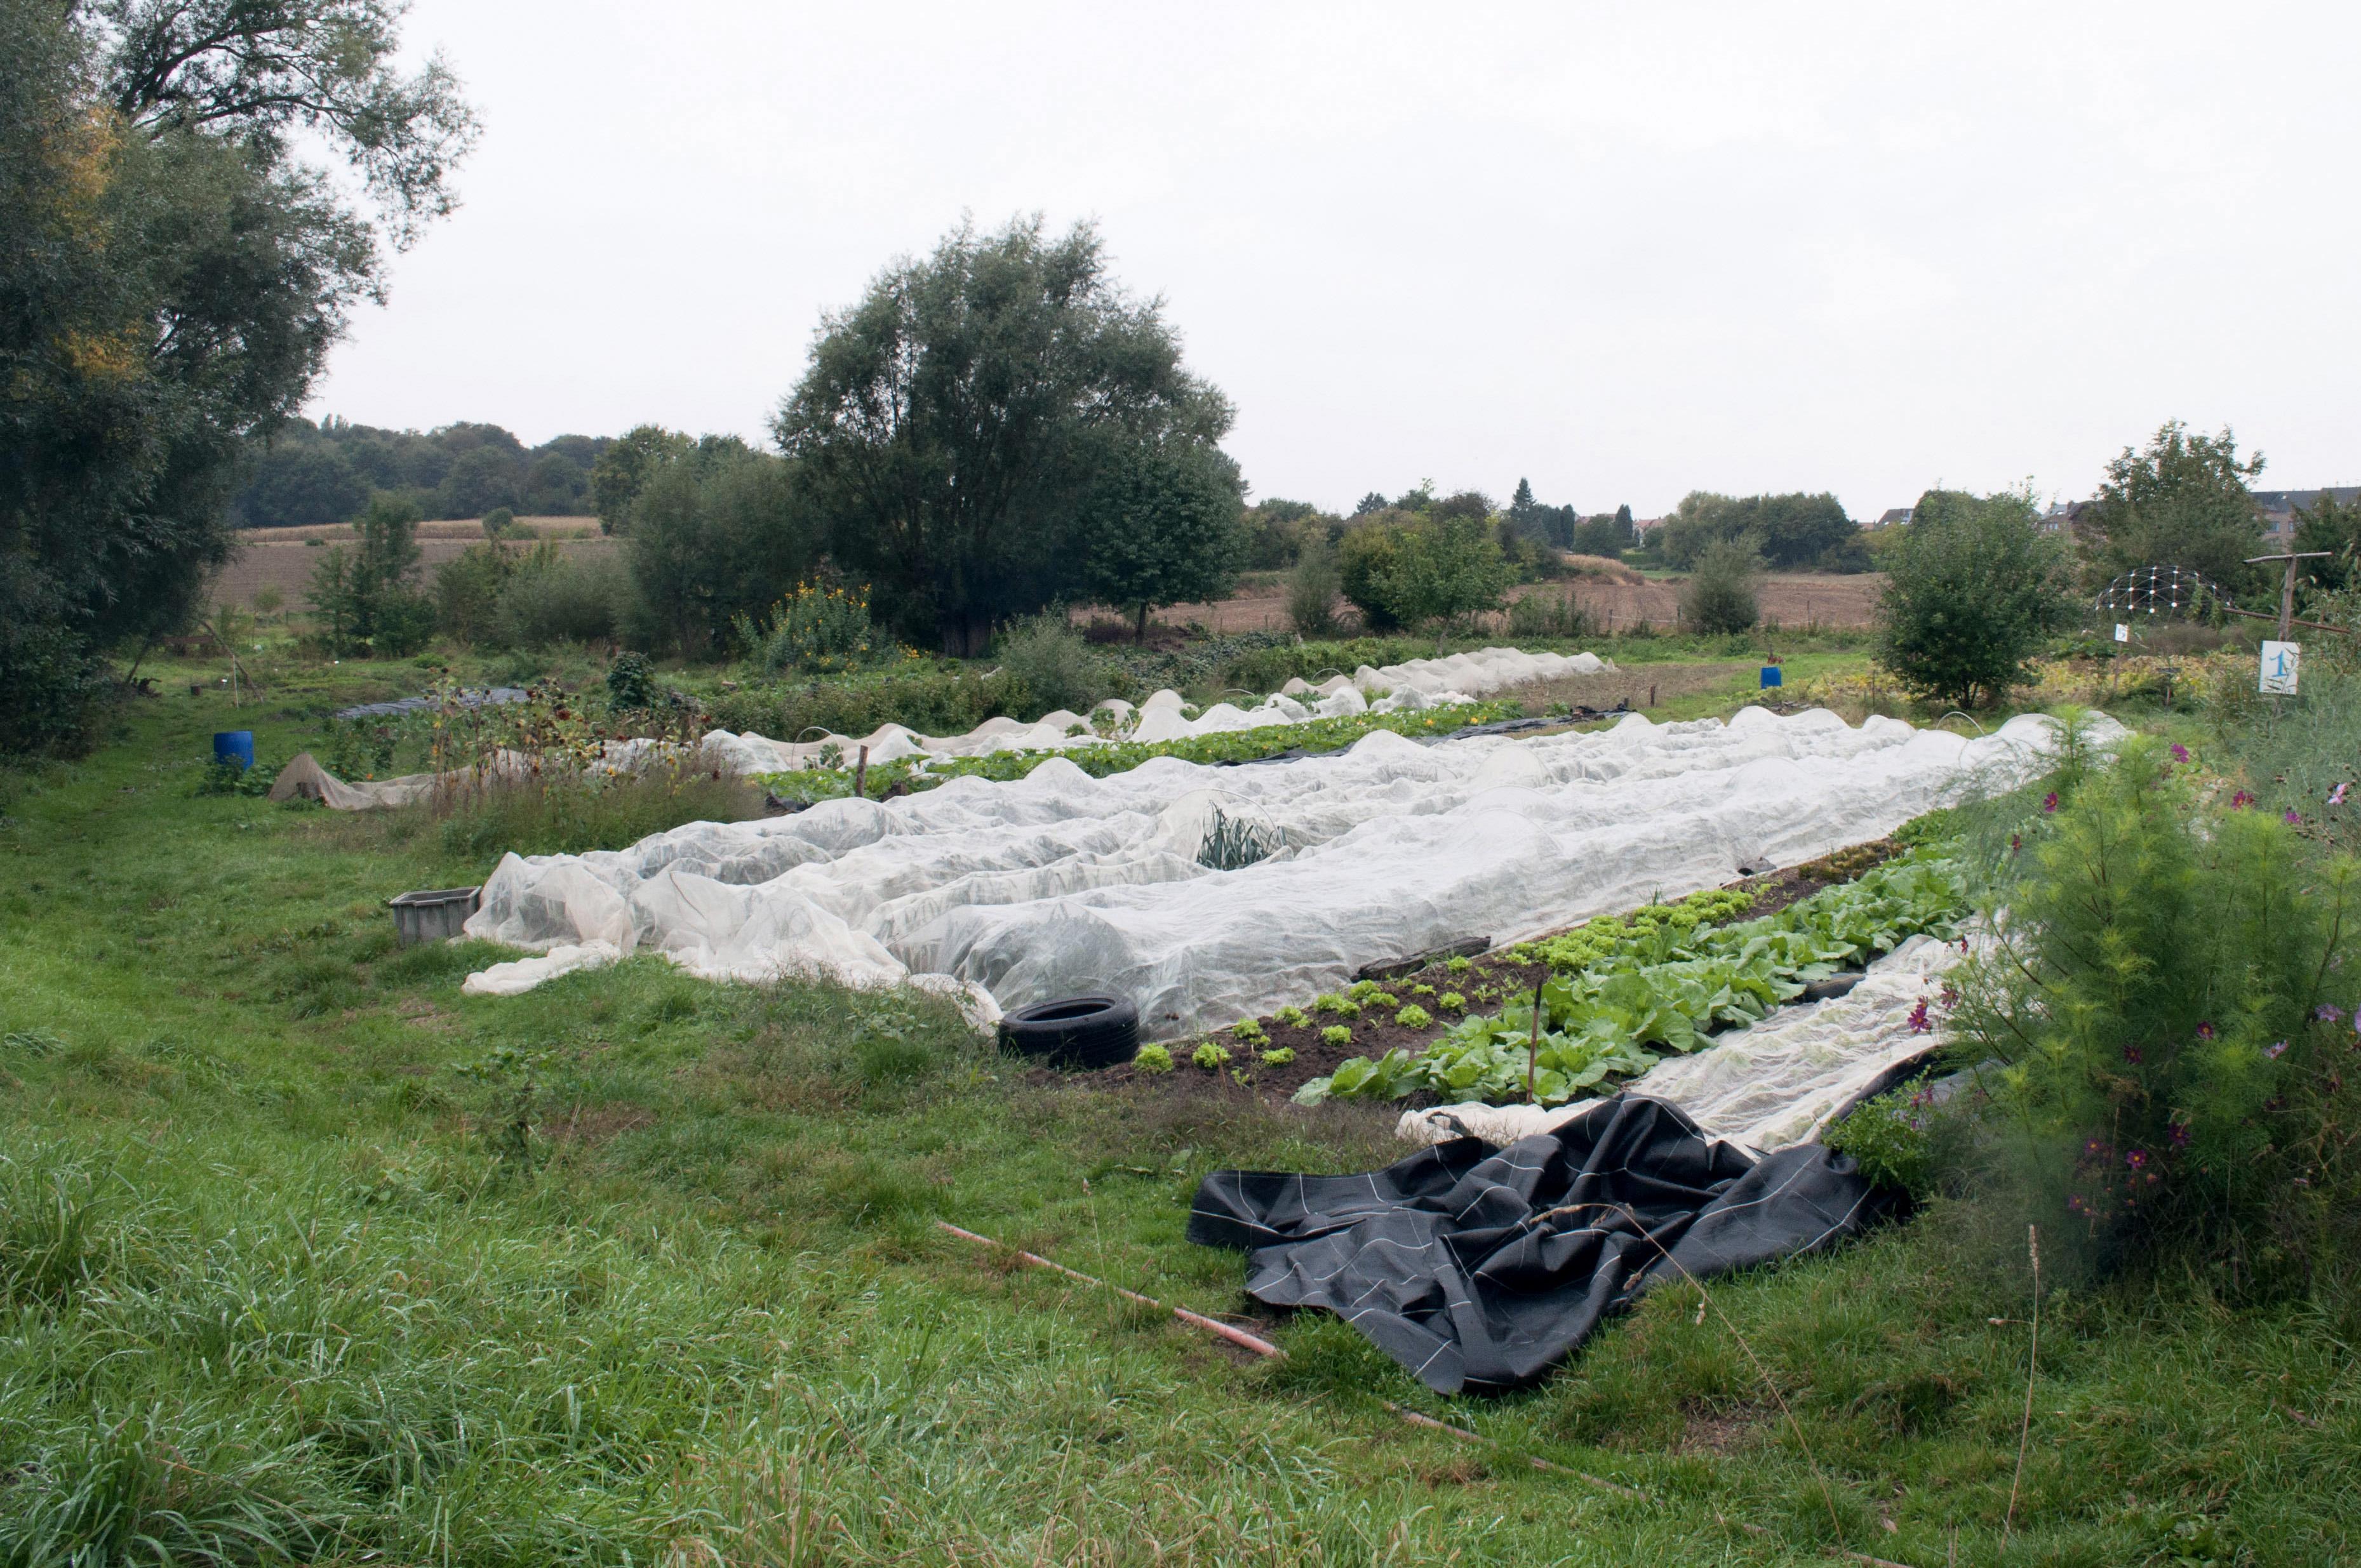 Parcelles cultivées